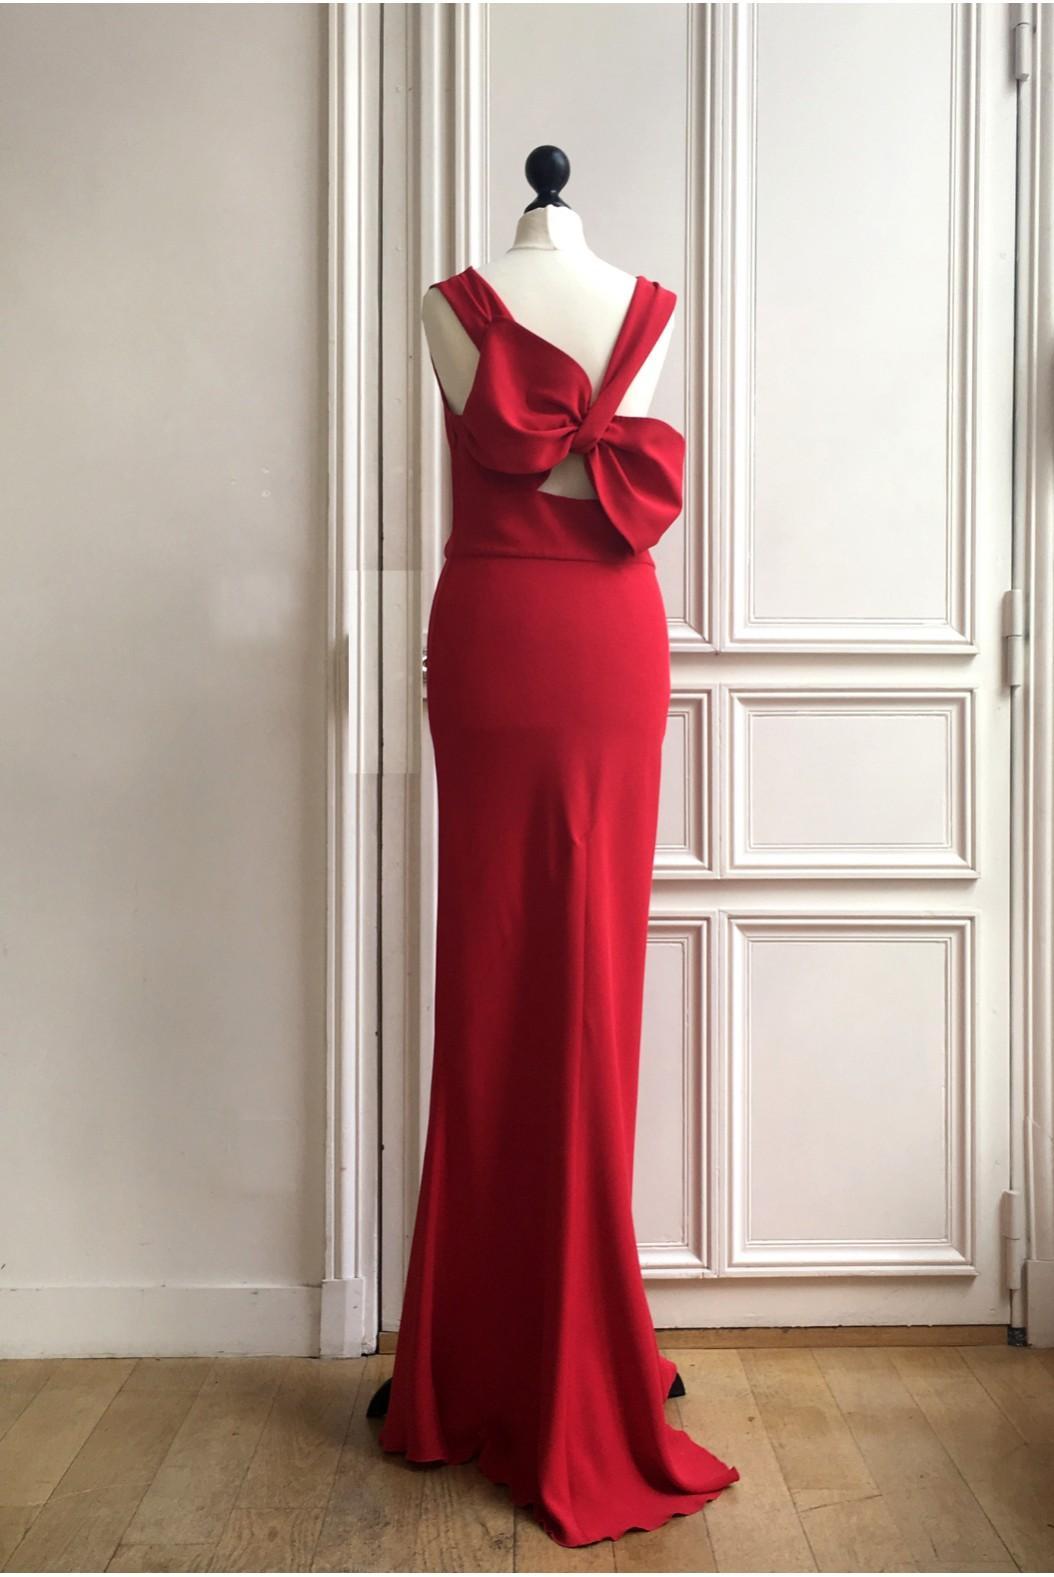 Robe valentino rouge